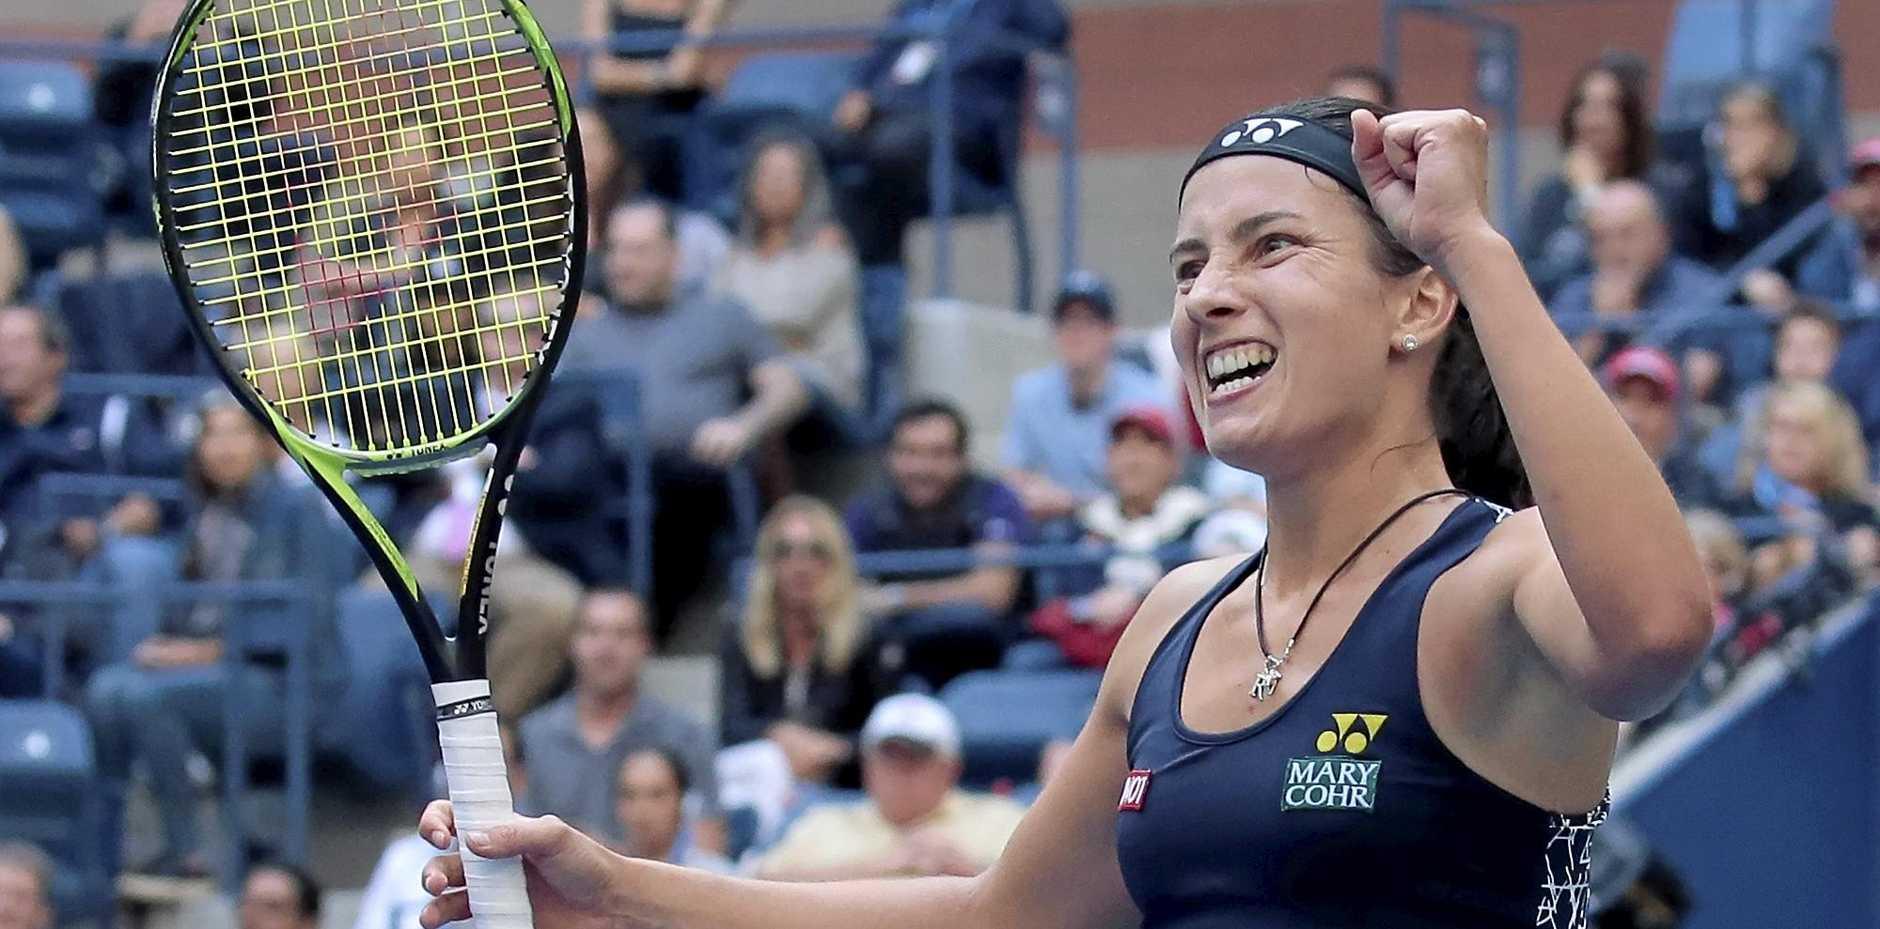 Anastasija Sevastova, of Latvia, celebrates after defeating Maria Sharapova.